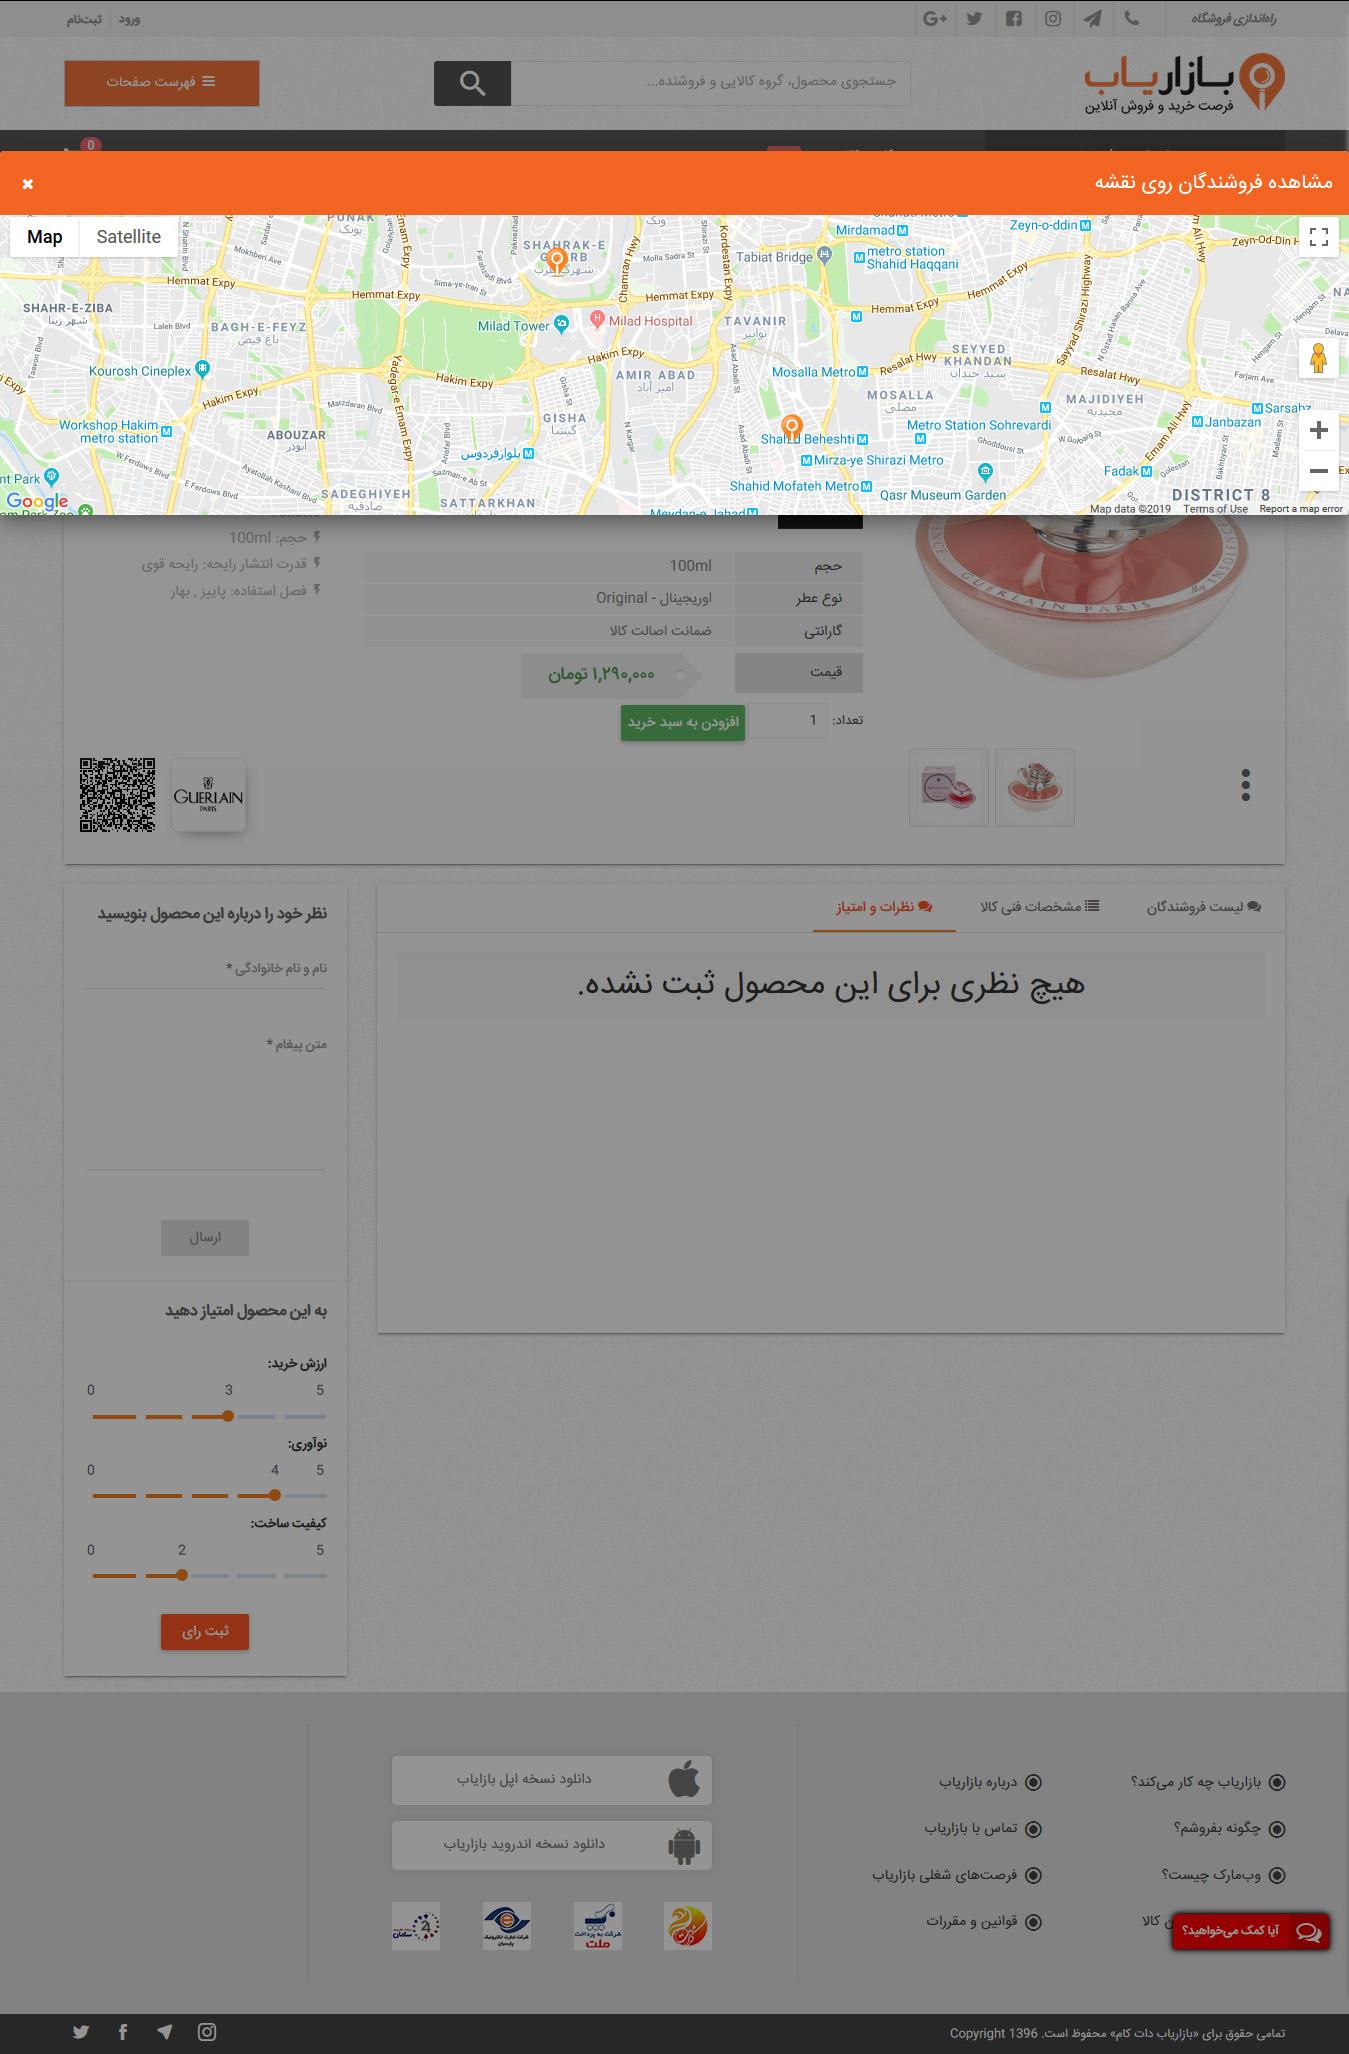 تصویری از صفحه نمایش دهنده فروشندگان یک محصول منتخب کاربر روی نقشه در فروشگاه بازاریاب دات کام